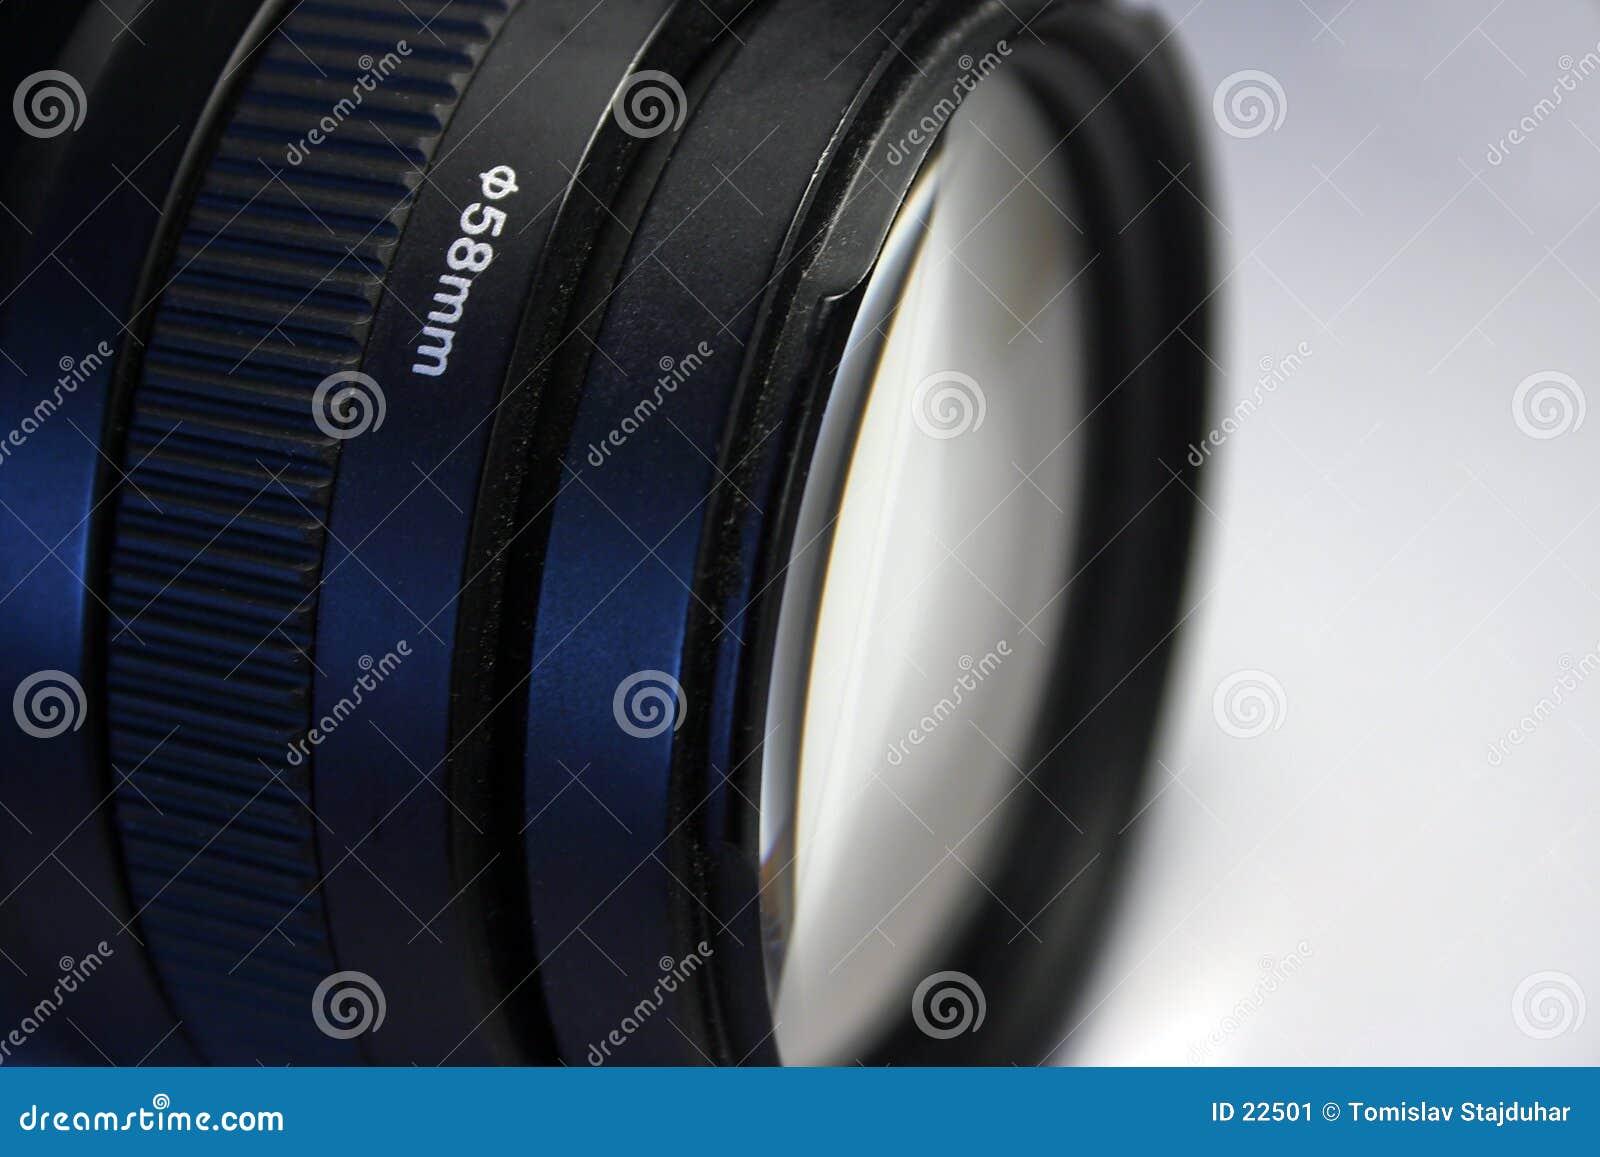 Lente de telephoto de 58m m Canon